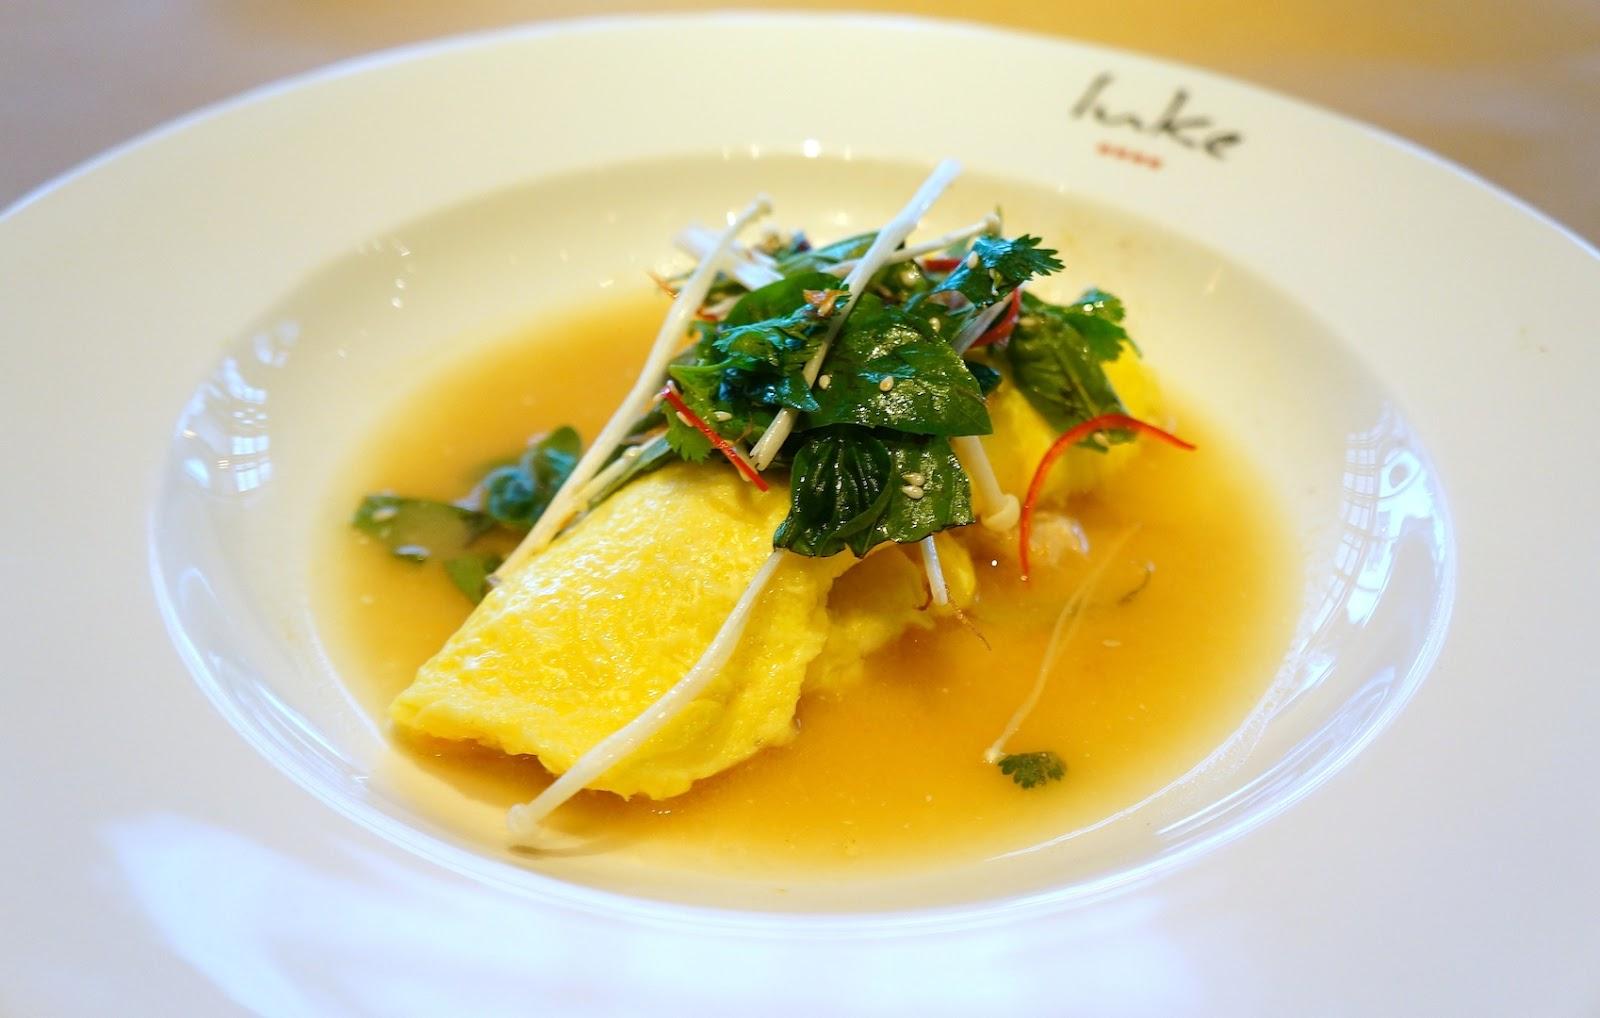 lemon crab salad omelet recipes dishmaps crab salad omelet recipes ...